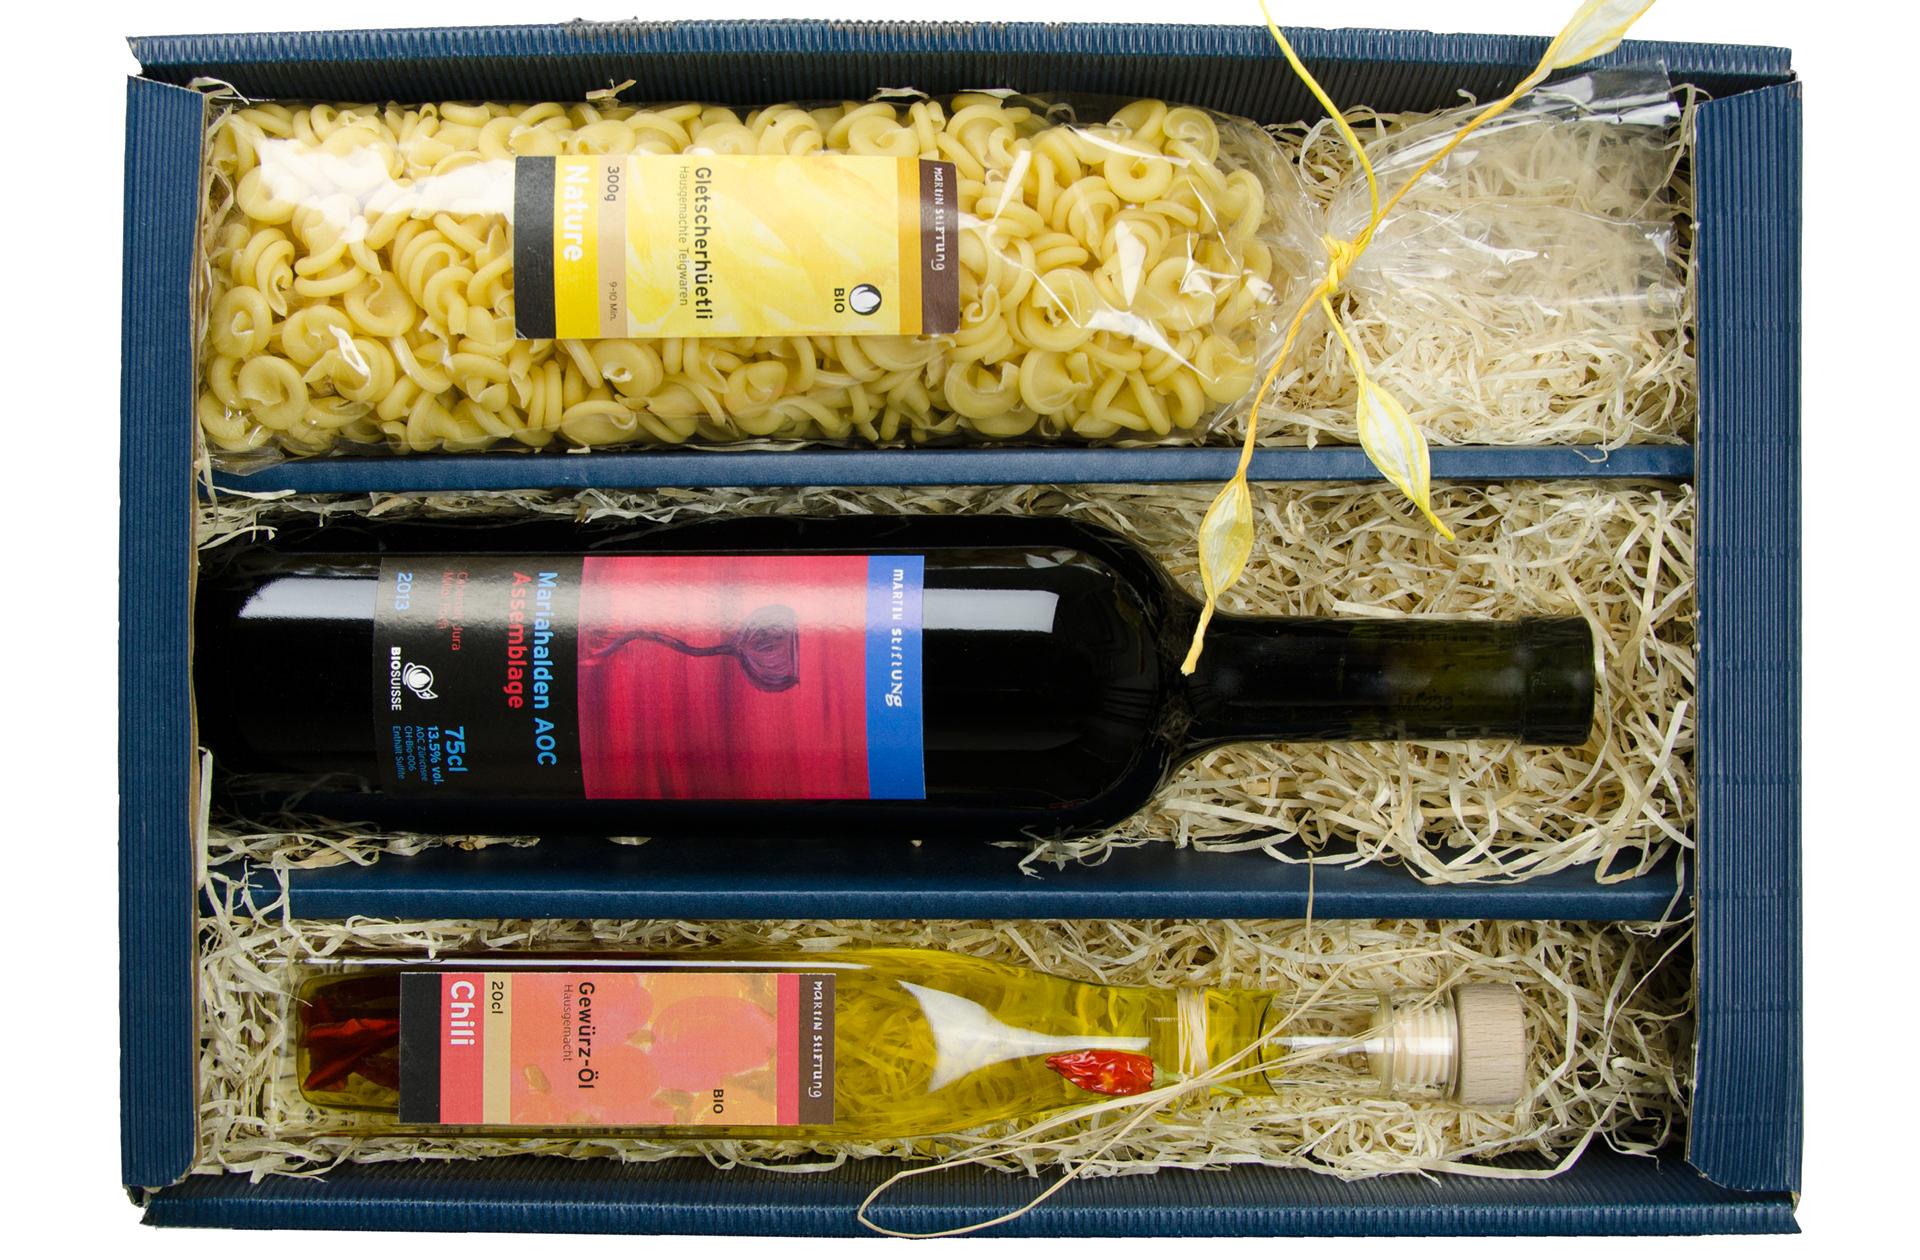 Teigwaren, Wein, Gewürz-Öl: Geschenkpackungen mit Eigenprodukten der Martin Stiftung sind ein beliebtes Kundengeschenk.